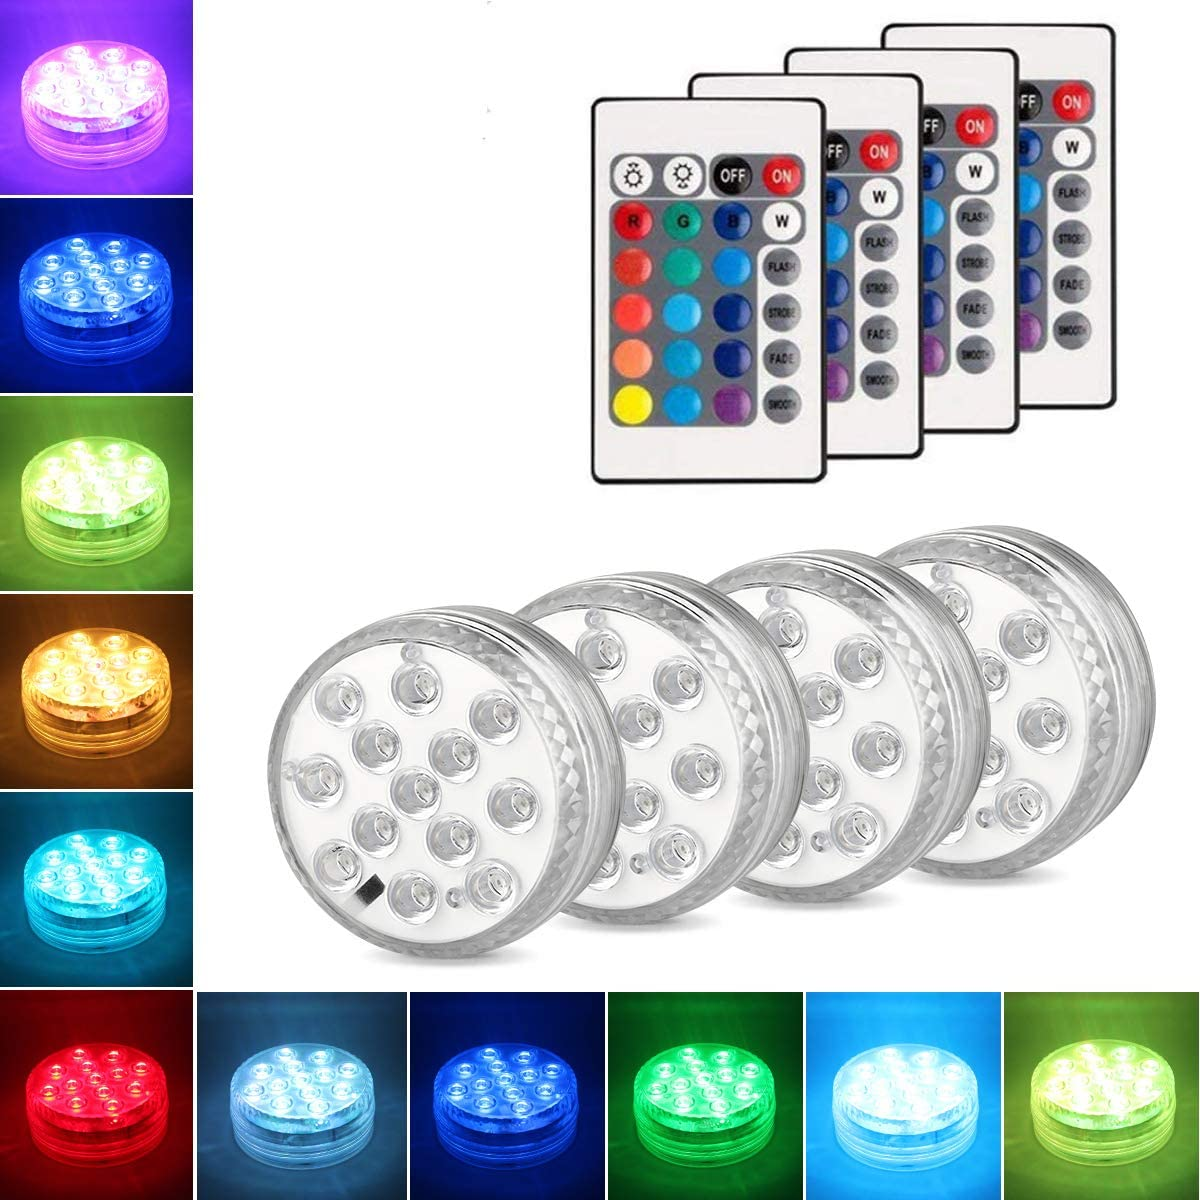 Danolt 4Pcs Nueva actualización luces sumergibles LED con control remoto